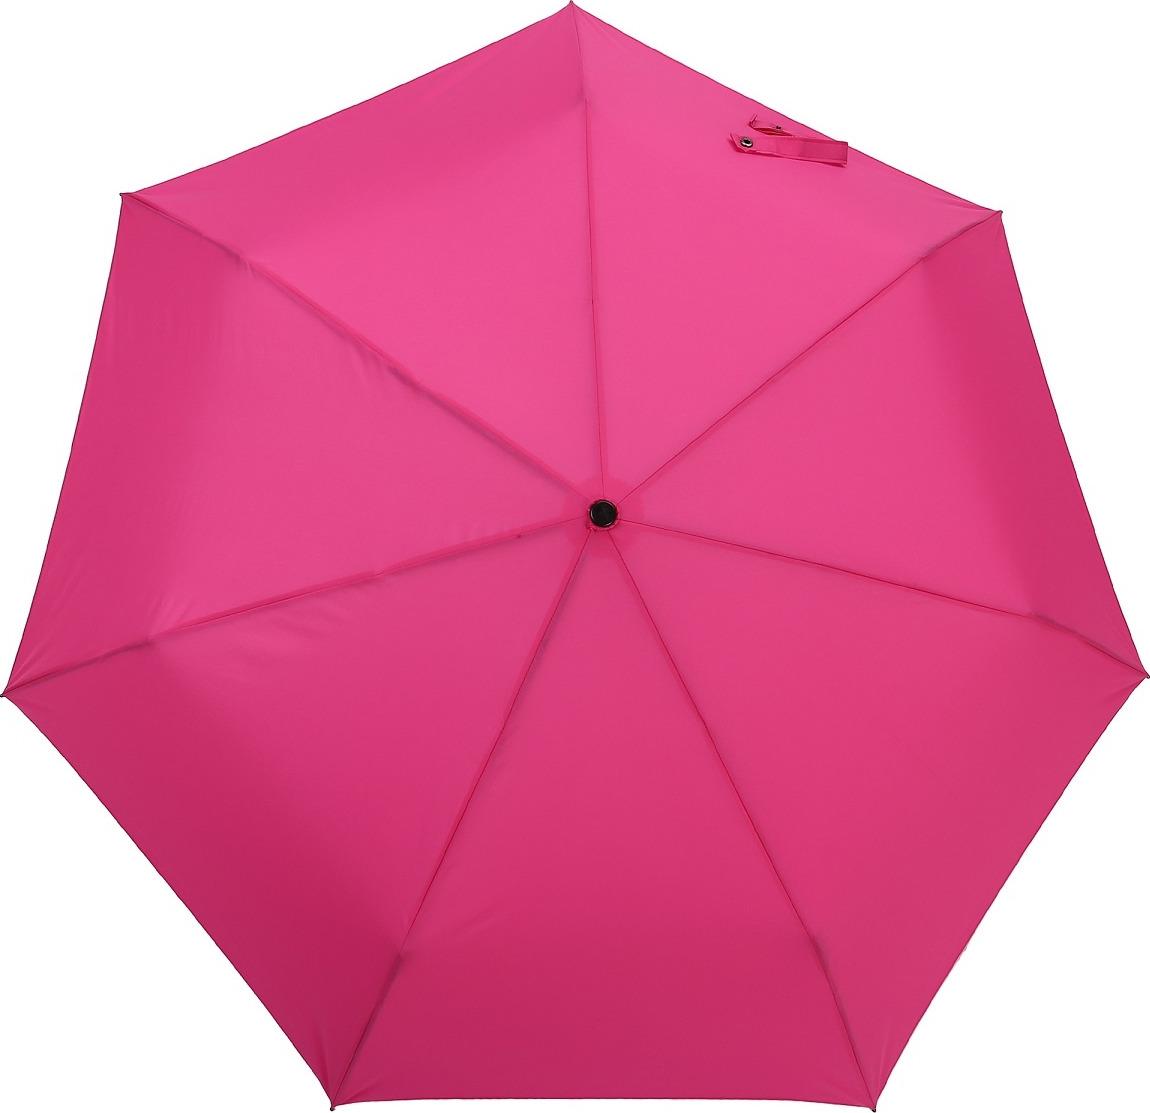 Зонт Три слона 365-D, фуксия